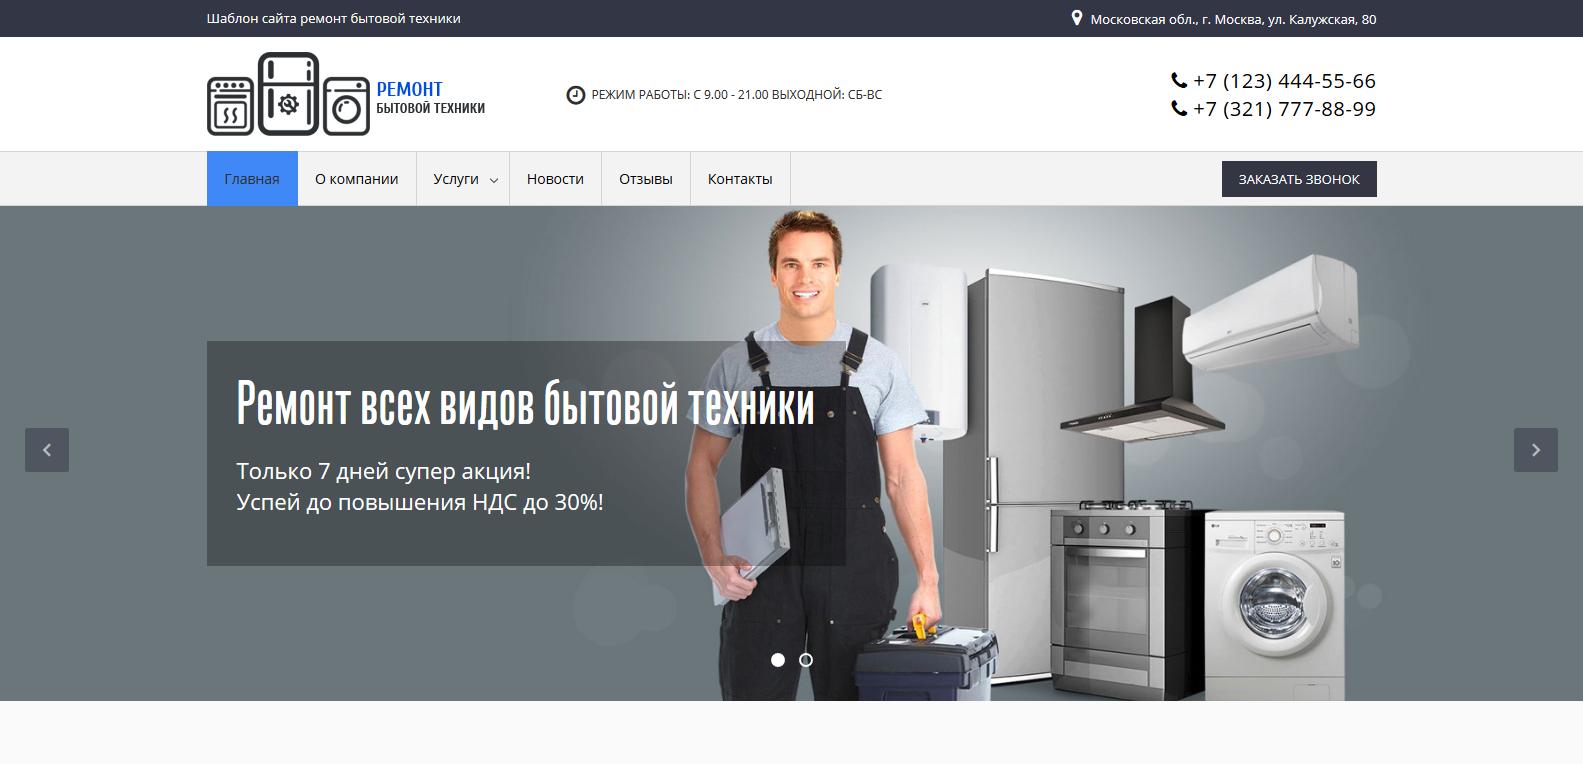 Screenshot_2019-03-23 Главная Шаблон сайта ремонт бытовой техники.png